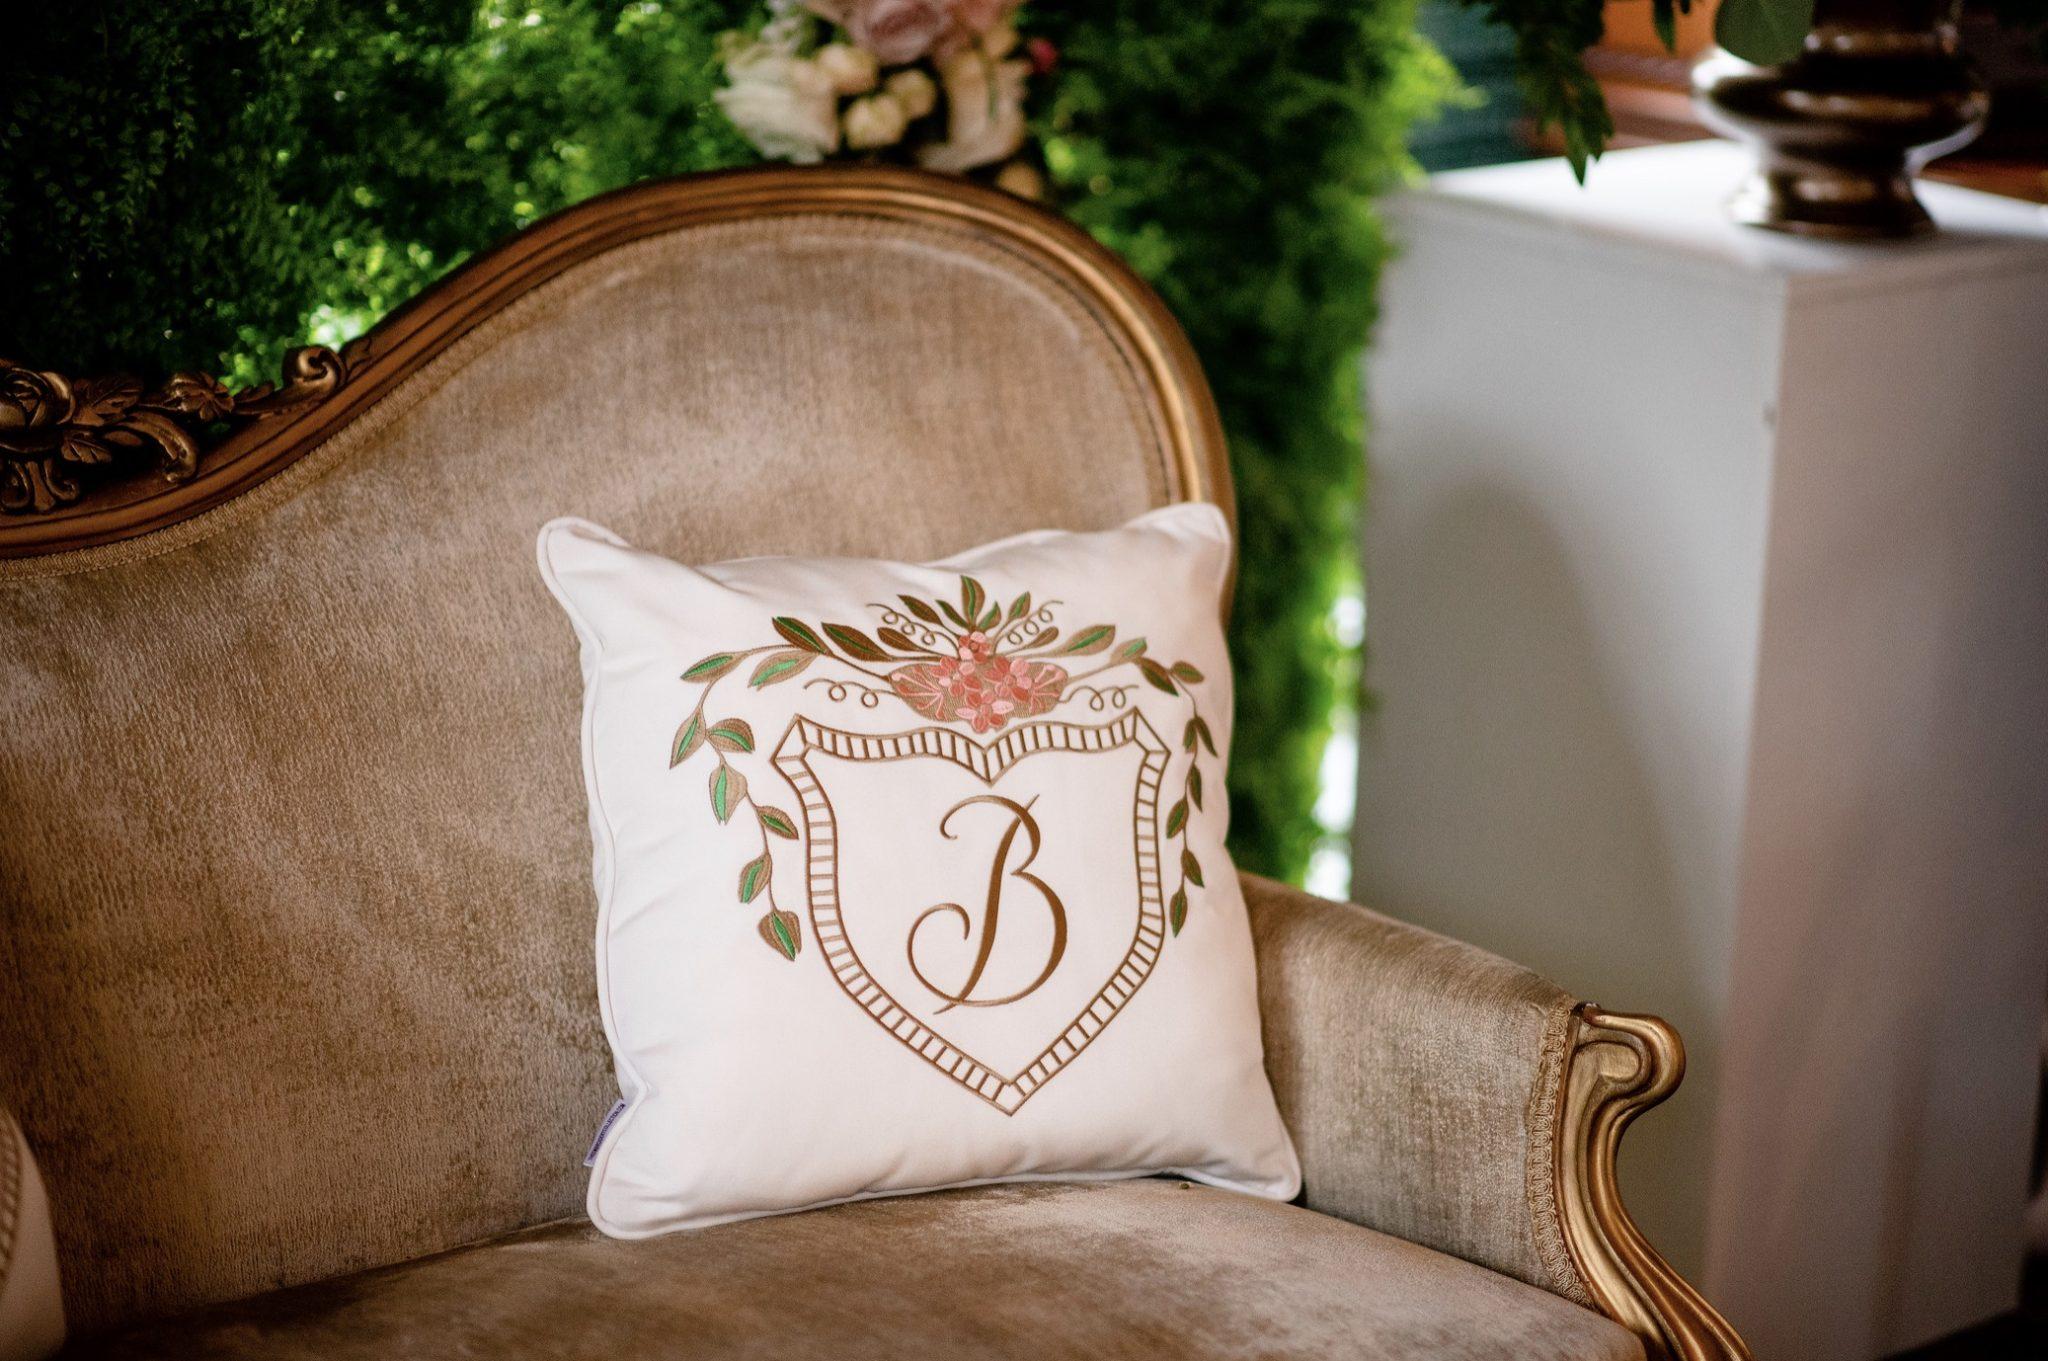 sofa B crest pillow